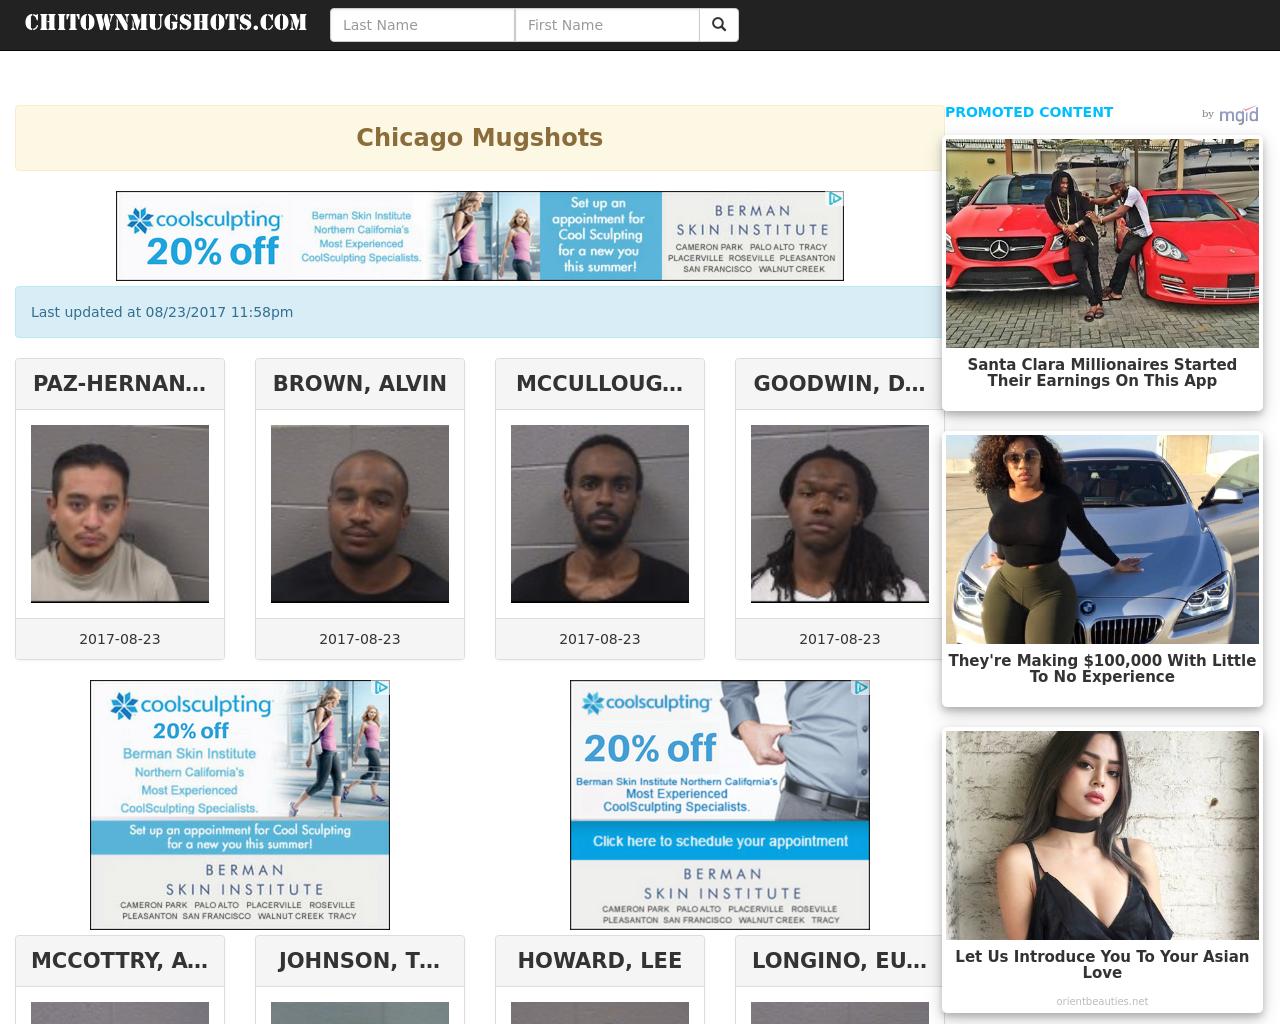 Chitown Mug Shots Advertising Mediakits Reviews Pricing Traffic